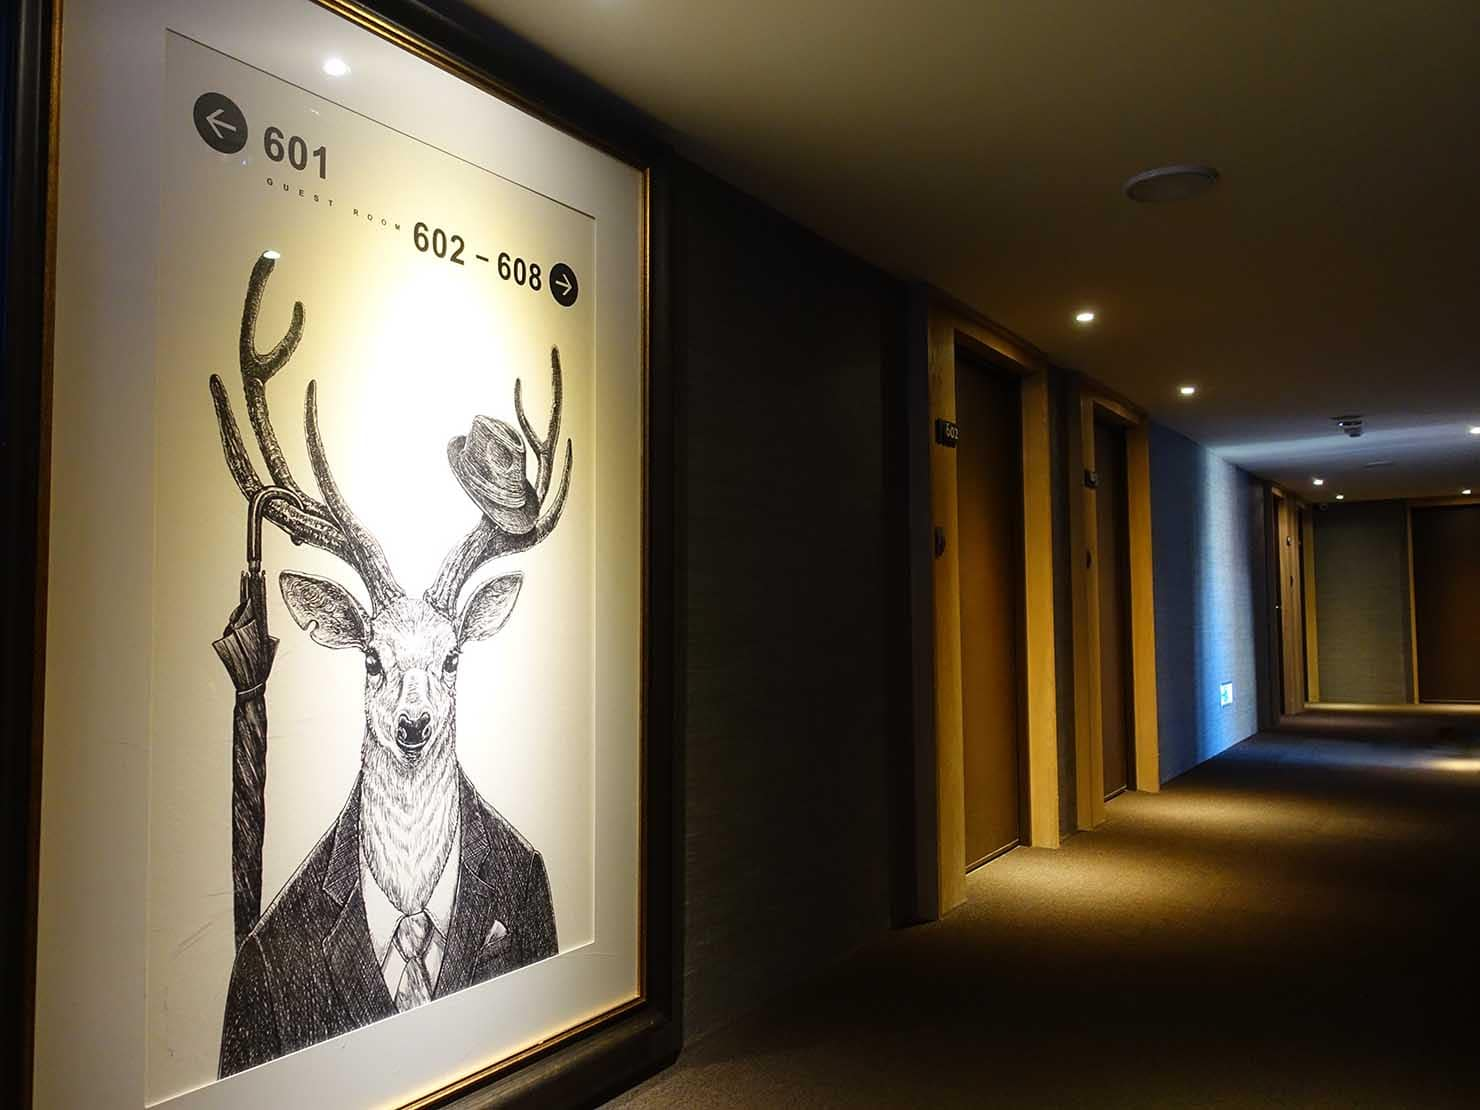 台中駅前のおすすめデザインホテル「紅點文旅 RedDot Hotel」宿泊エリアの廊下